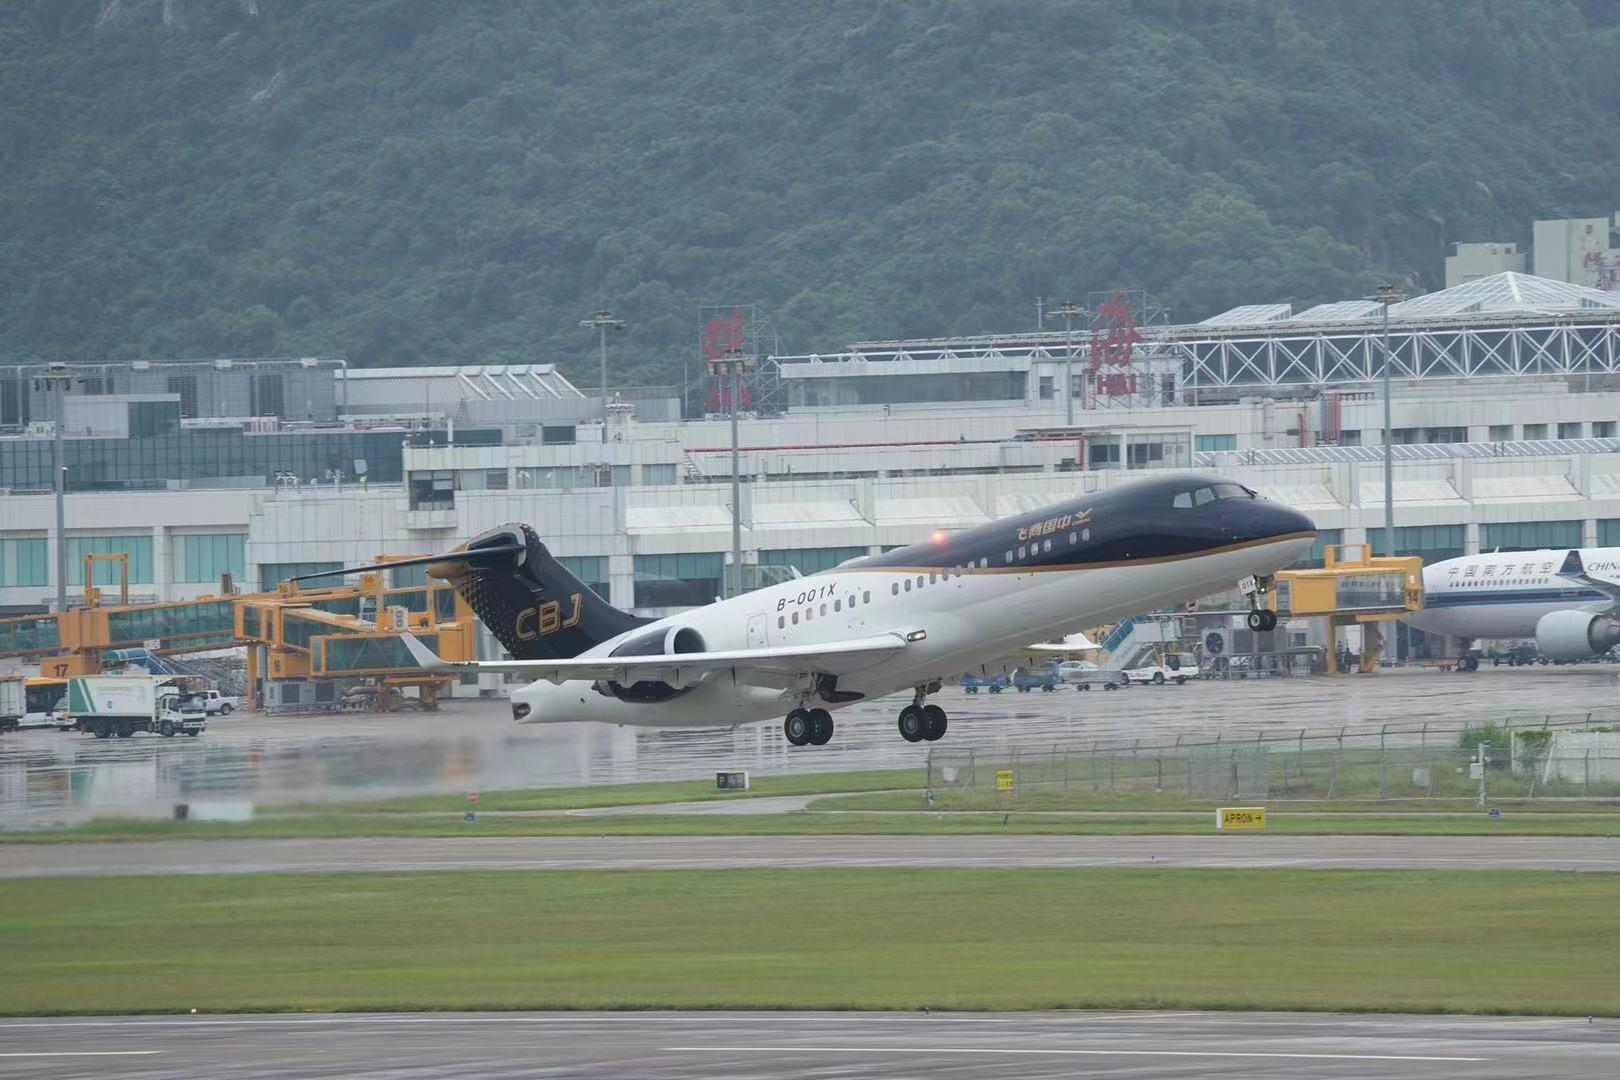 中国商飞CBJ公务机在航展现场进行飞行表演 摄影:祎然